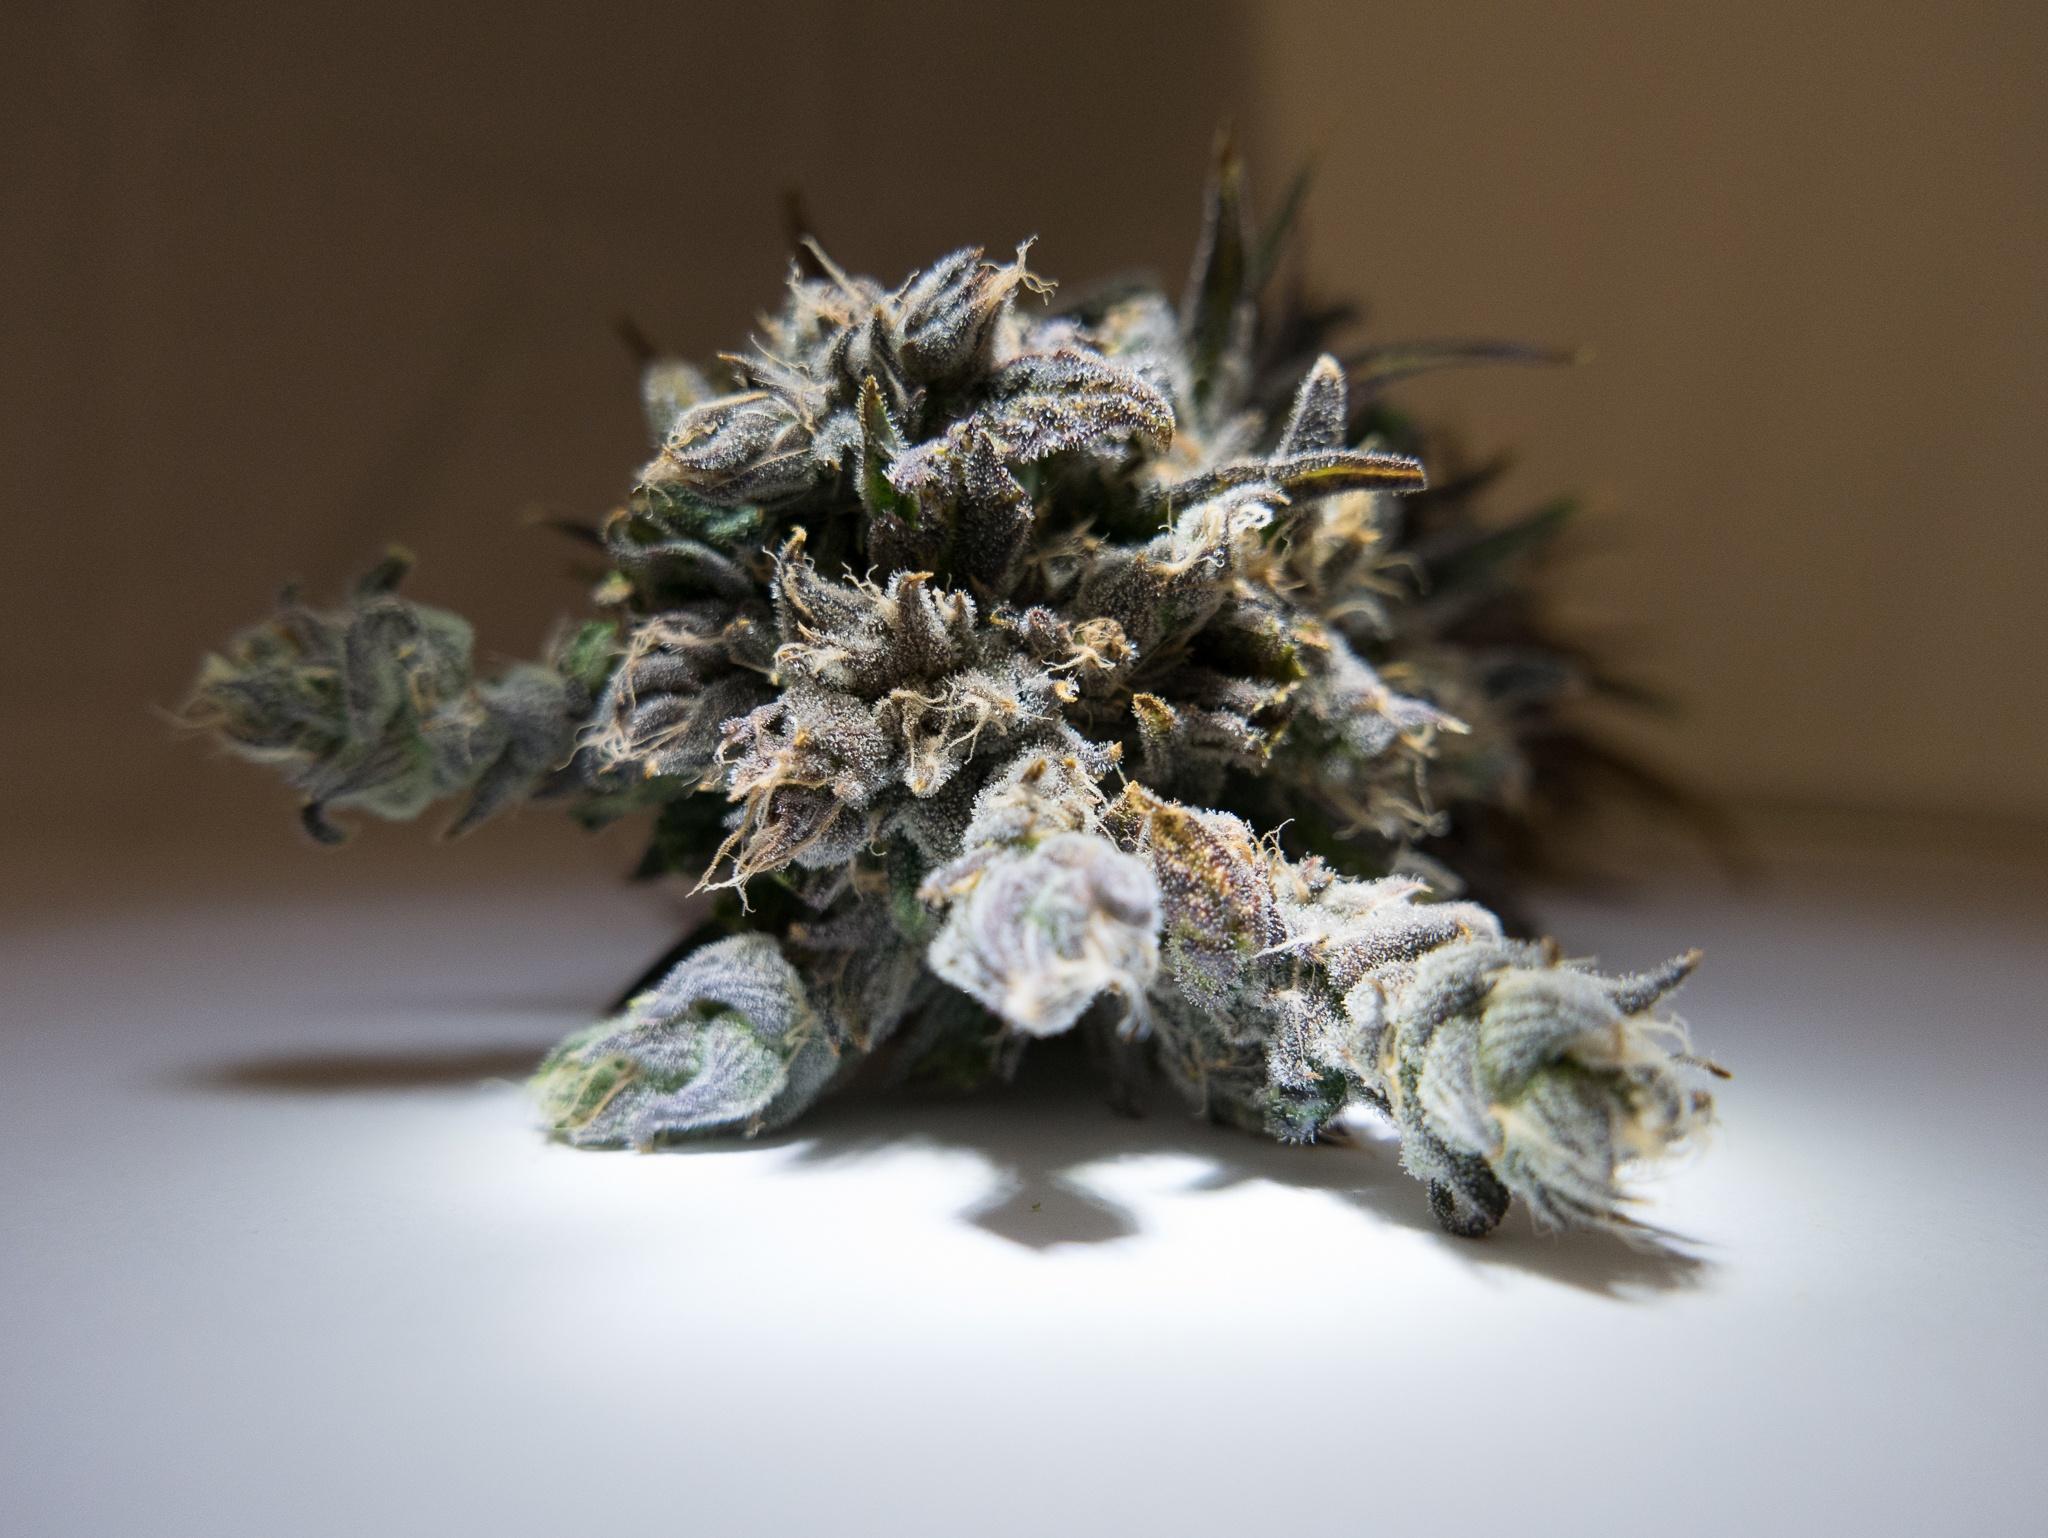 AessenseGrows Cultivation AEtrium-4 Test Kitchen Bud